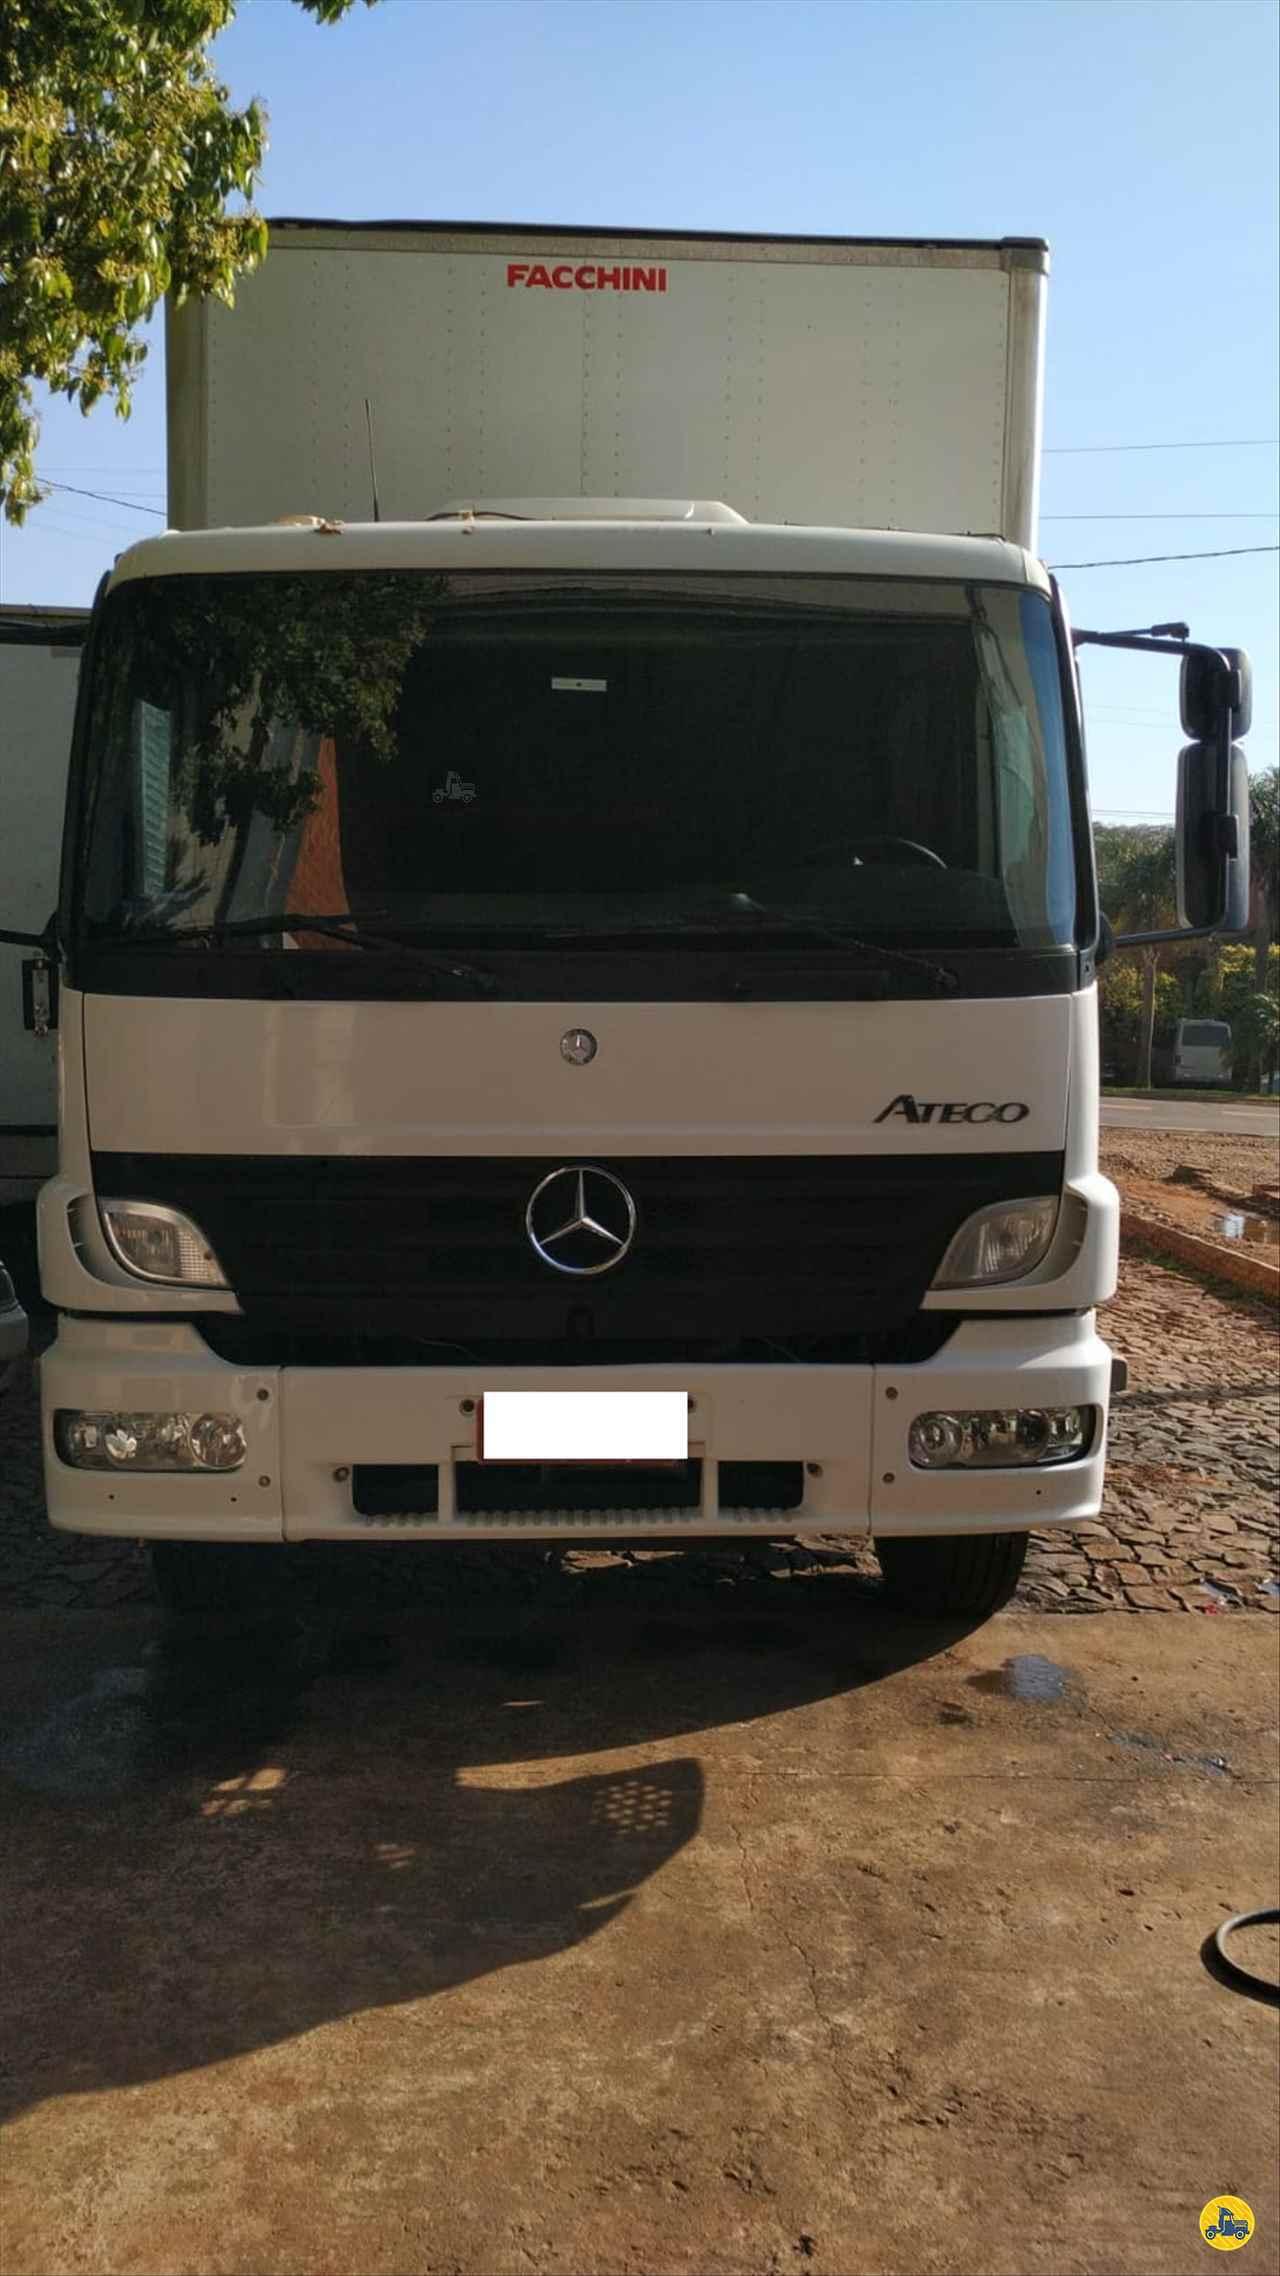 CAMINHAO MERCEDES-BENZ MB 2425 Chassis Truck 6x2 Transmap Caminhões SANTA ROSA RIO GRANDE DO SUL RS